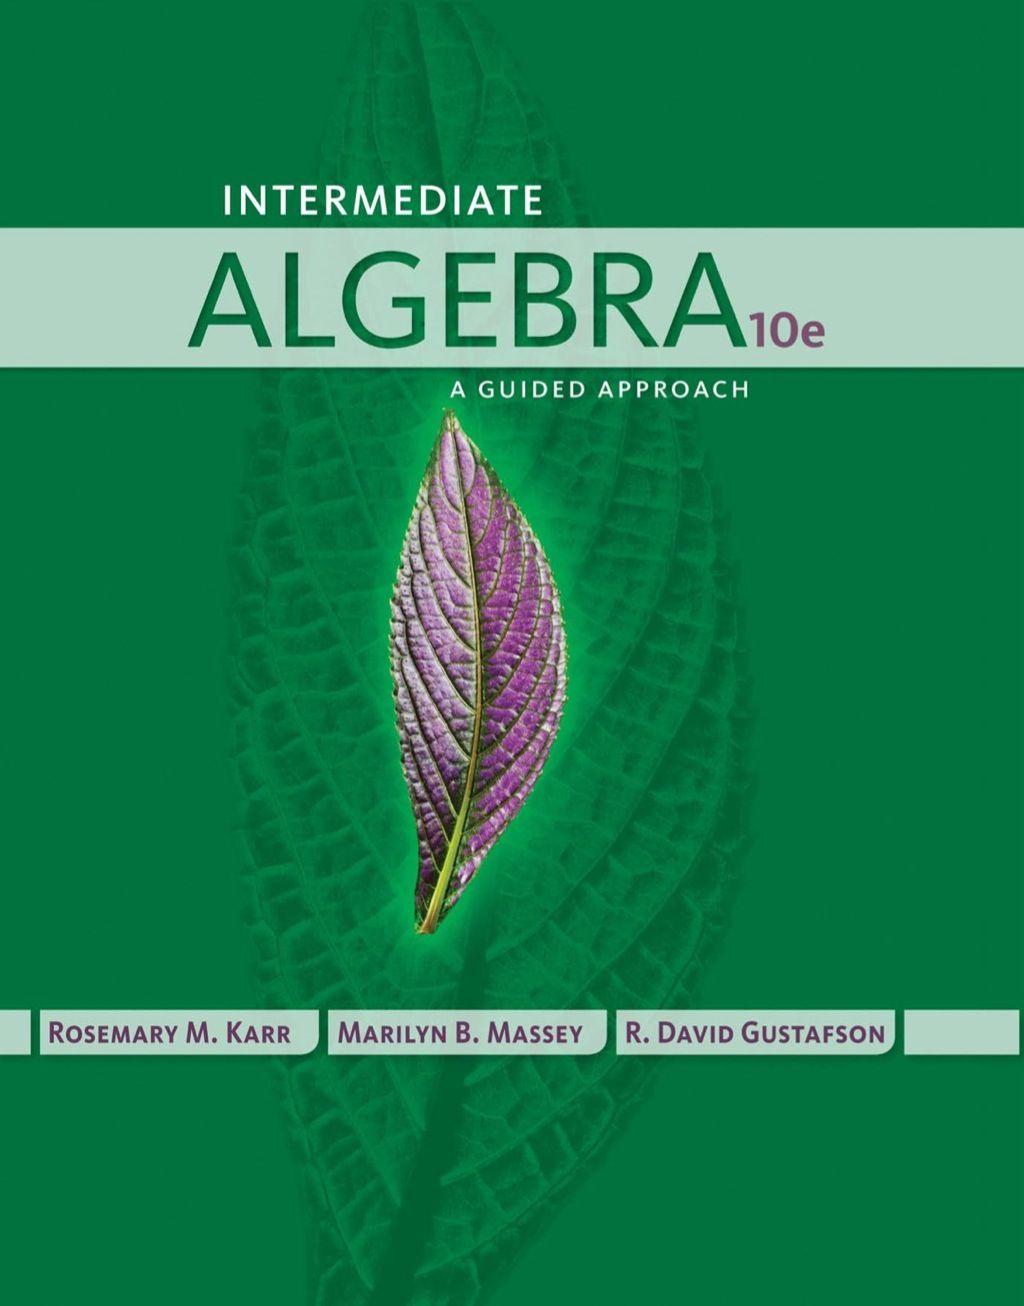 Intermediate Algebra A Guided Approach Ebook Rental